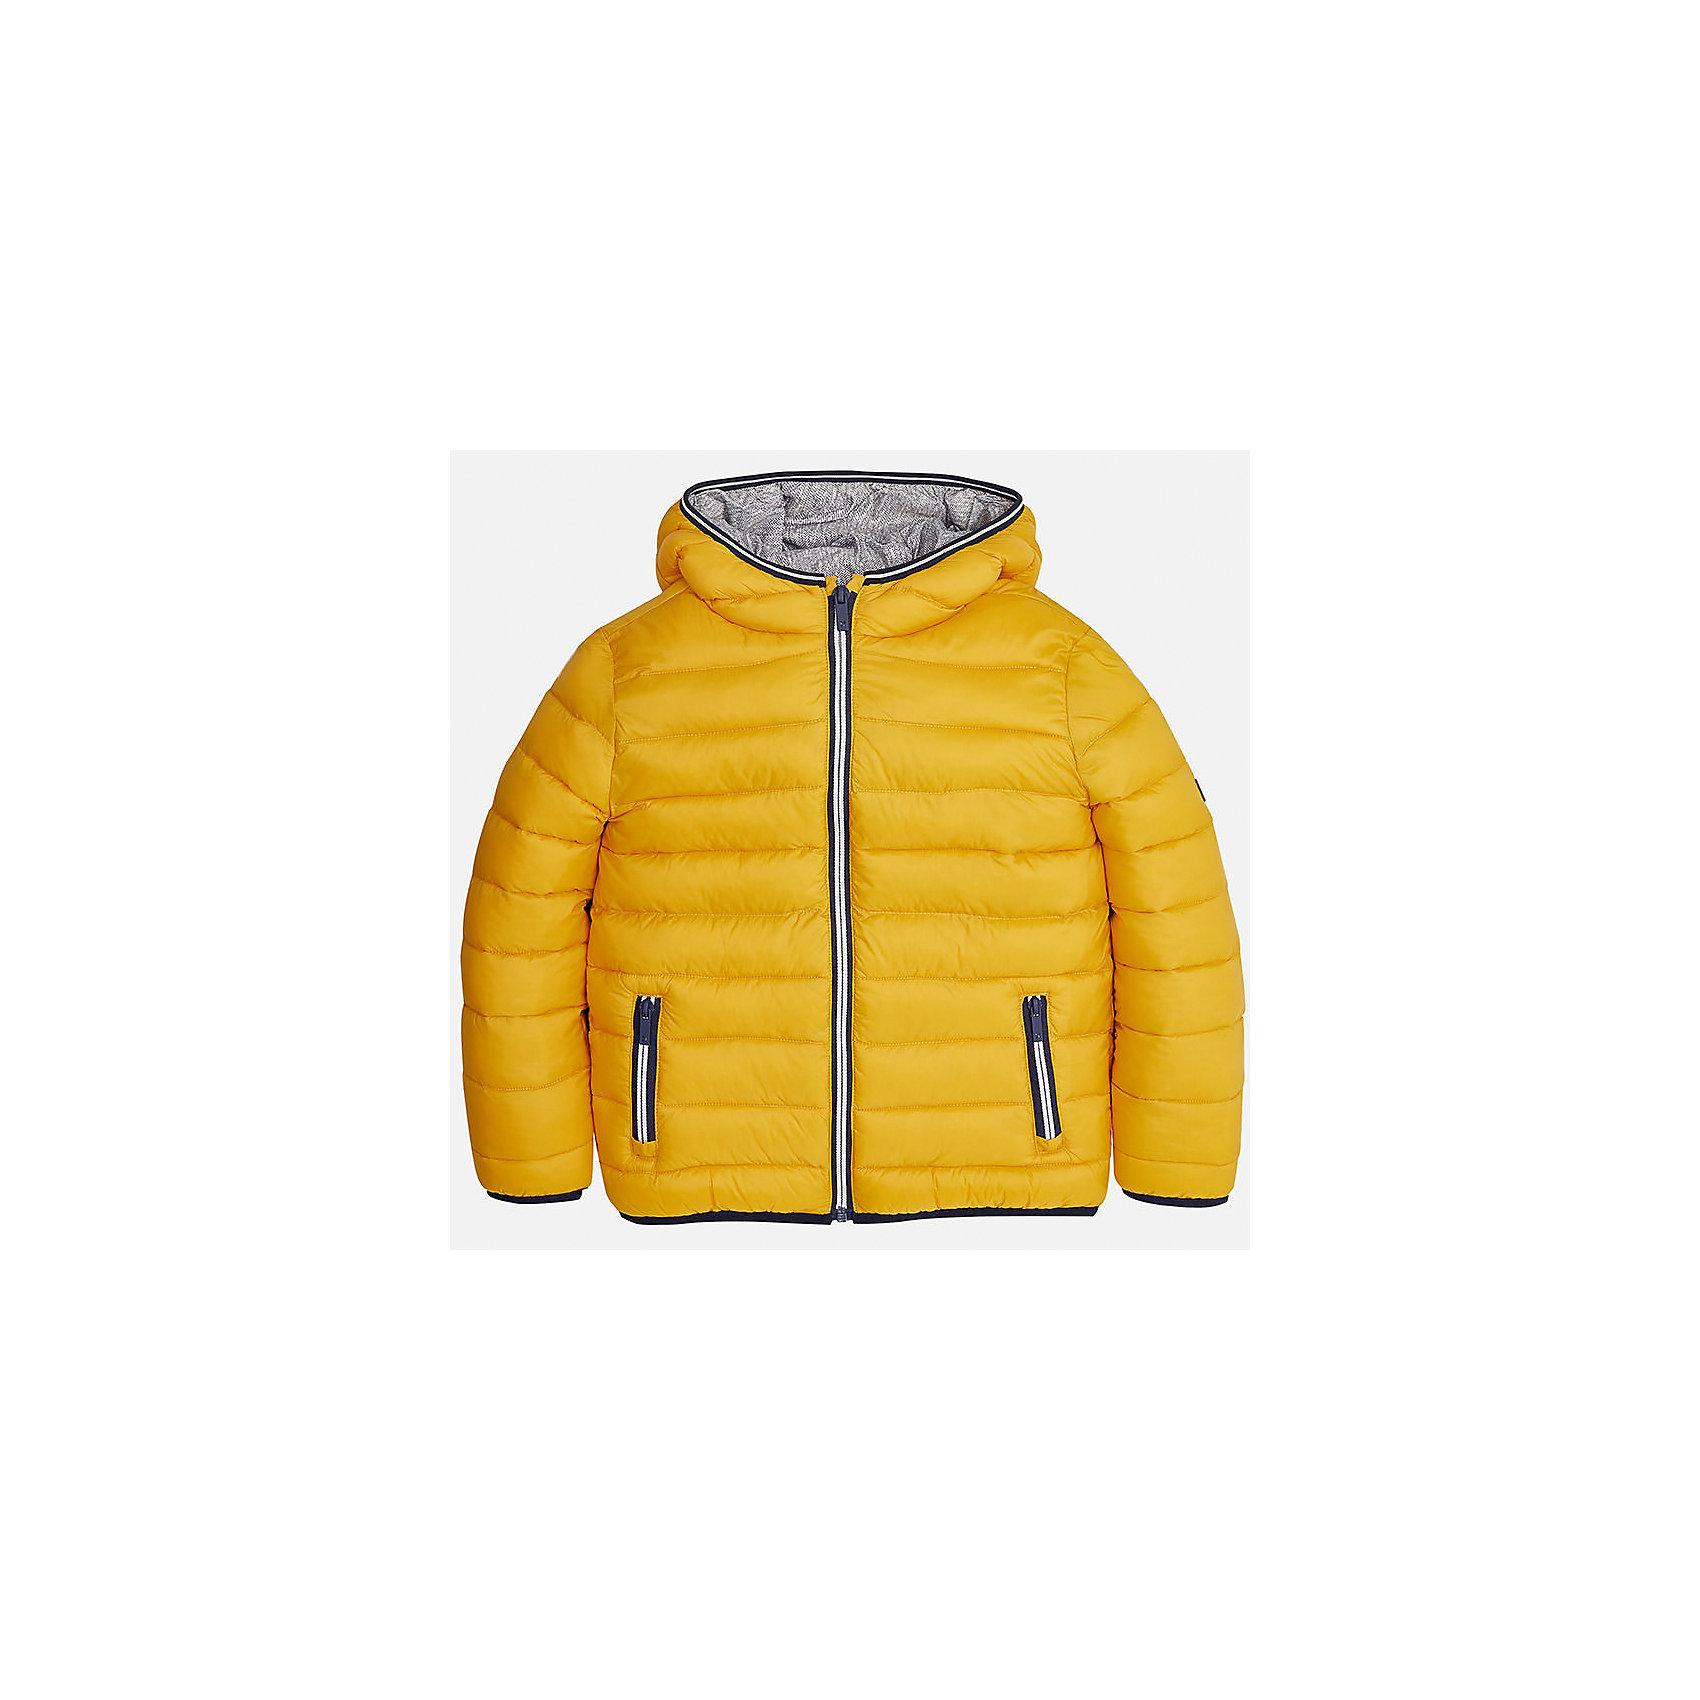 Куртка для мальчика MayoralДемисезонные куртки<br>Характеристики товара:<br><br>• цвет: желтый;<br>• сезон: демисезон;<br>• температурный режим: от 0 до +10С;<br>• состав ткани: 100% полиамид;<br>• состав подкладки: 100% полиамид;<br>• состав наполнителя: 100% полиэстер;<br>• стеганая;<br>• на молнии;<br>• капюшон: без меха, не отстегивается;<br>• страна бренда: Испания;<br>• страна изготовитель: Бангладеш.<br><br>Демисезонная куртка для мальчика от популярного бренда Mayoral несомненно понравится вам и вашему ребенку. Качественные ткани, безупречное исполнение, все модели в центре модных тенденций. Внешняя ткань и подкладка плащевая, обуспечивают хорошую защиту от ветра и непогоды, внутренний утеплитель, аккуратные швы. Рукава на внутренней манжете. Застегивается на замок-молнию, капюшон не отстегивается, боковые карманы на молнии. <br><br>Легкая и теплая куртка с капюшоном и карманами на холодную осень-весну. Грамотный крой изделия обеспечивает отличную посадку по фигуре.<br><br>Куртку  для мальчика Mayoral (Майорал) можно купить в нашем интернет-магазине.<br><br>Ширина мм: 356<br>Глубина мм: 10<br>Высота мм: 245<br>Вес г: 519<br>Цвет: оранжевый<br>Возраст от месяцев: 168<br>Возраст до месяцев: 180<br>Пол: Мужской<br>Возраст: Детский<br>Размер: 170,128/134,140,152,158,164<br>SKU: 6938824